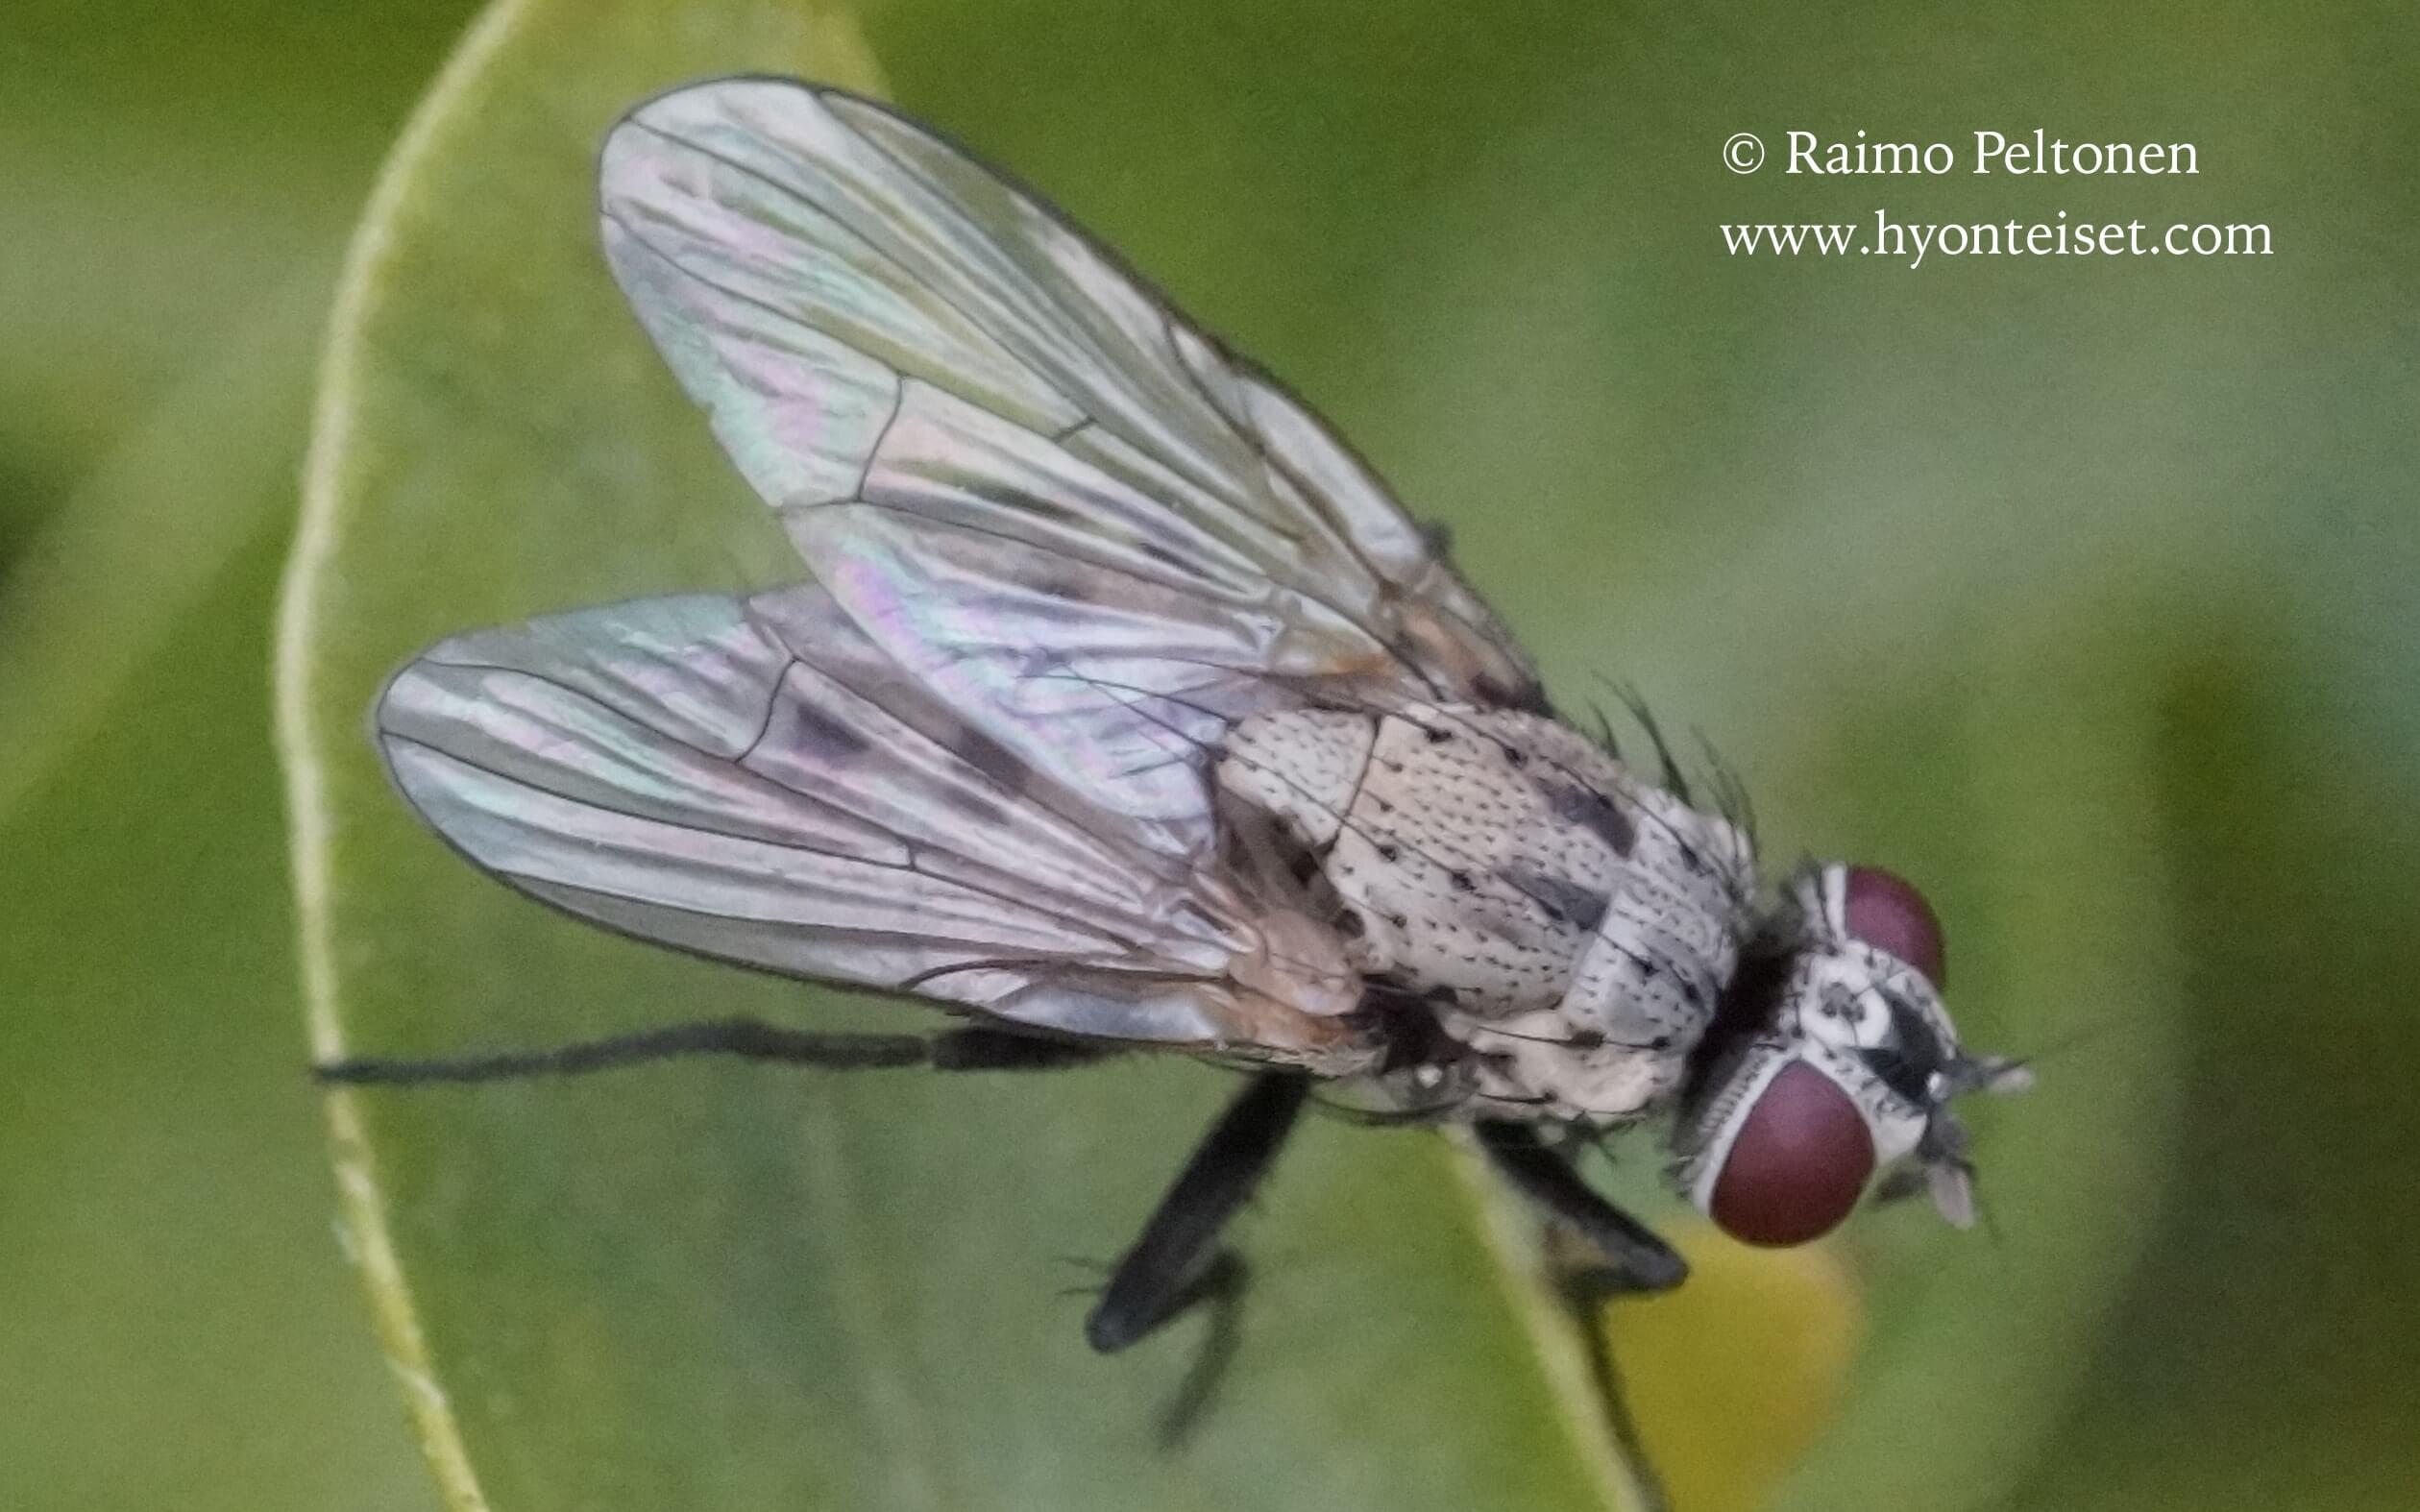 Limnophora quaterna, naaras (Muscidae) (det. Piluca Alvarez) GRAN CANARIA